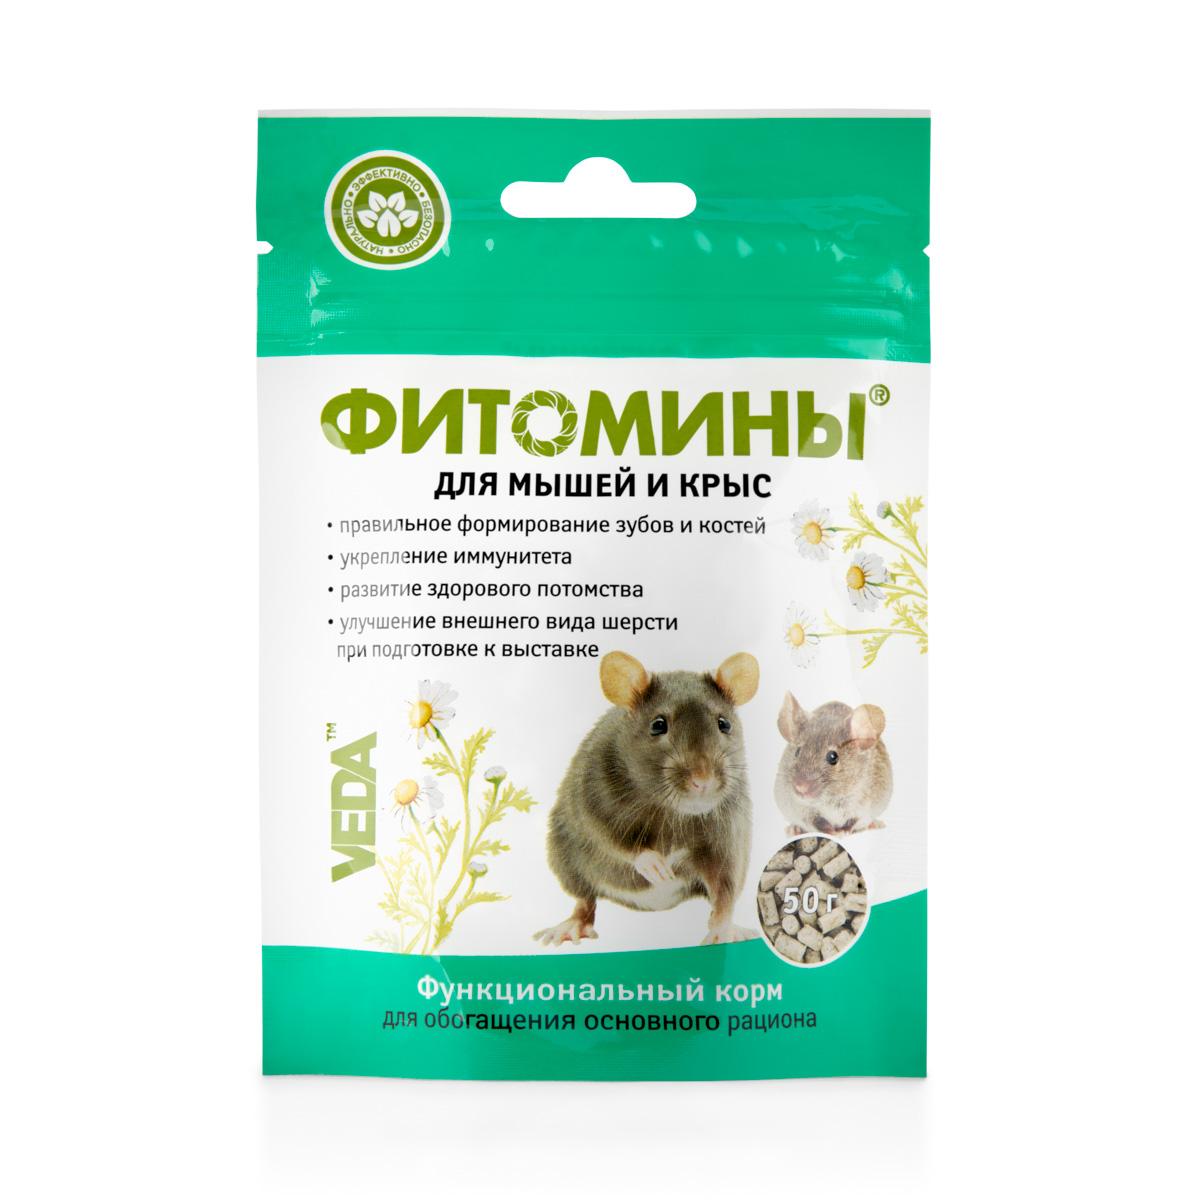 """Корм для мышей и крыс VEDA """"Фитомины"""", функциональный , 50 г 4605543006203"""